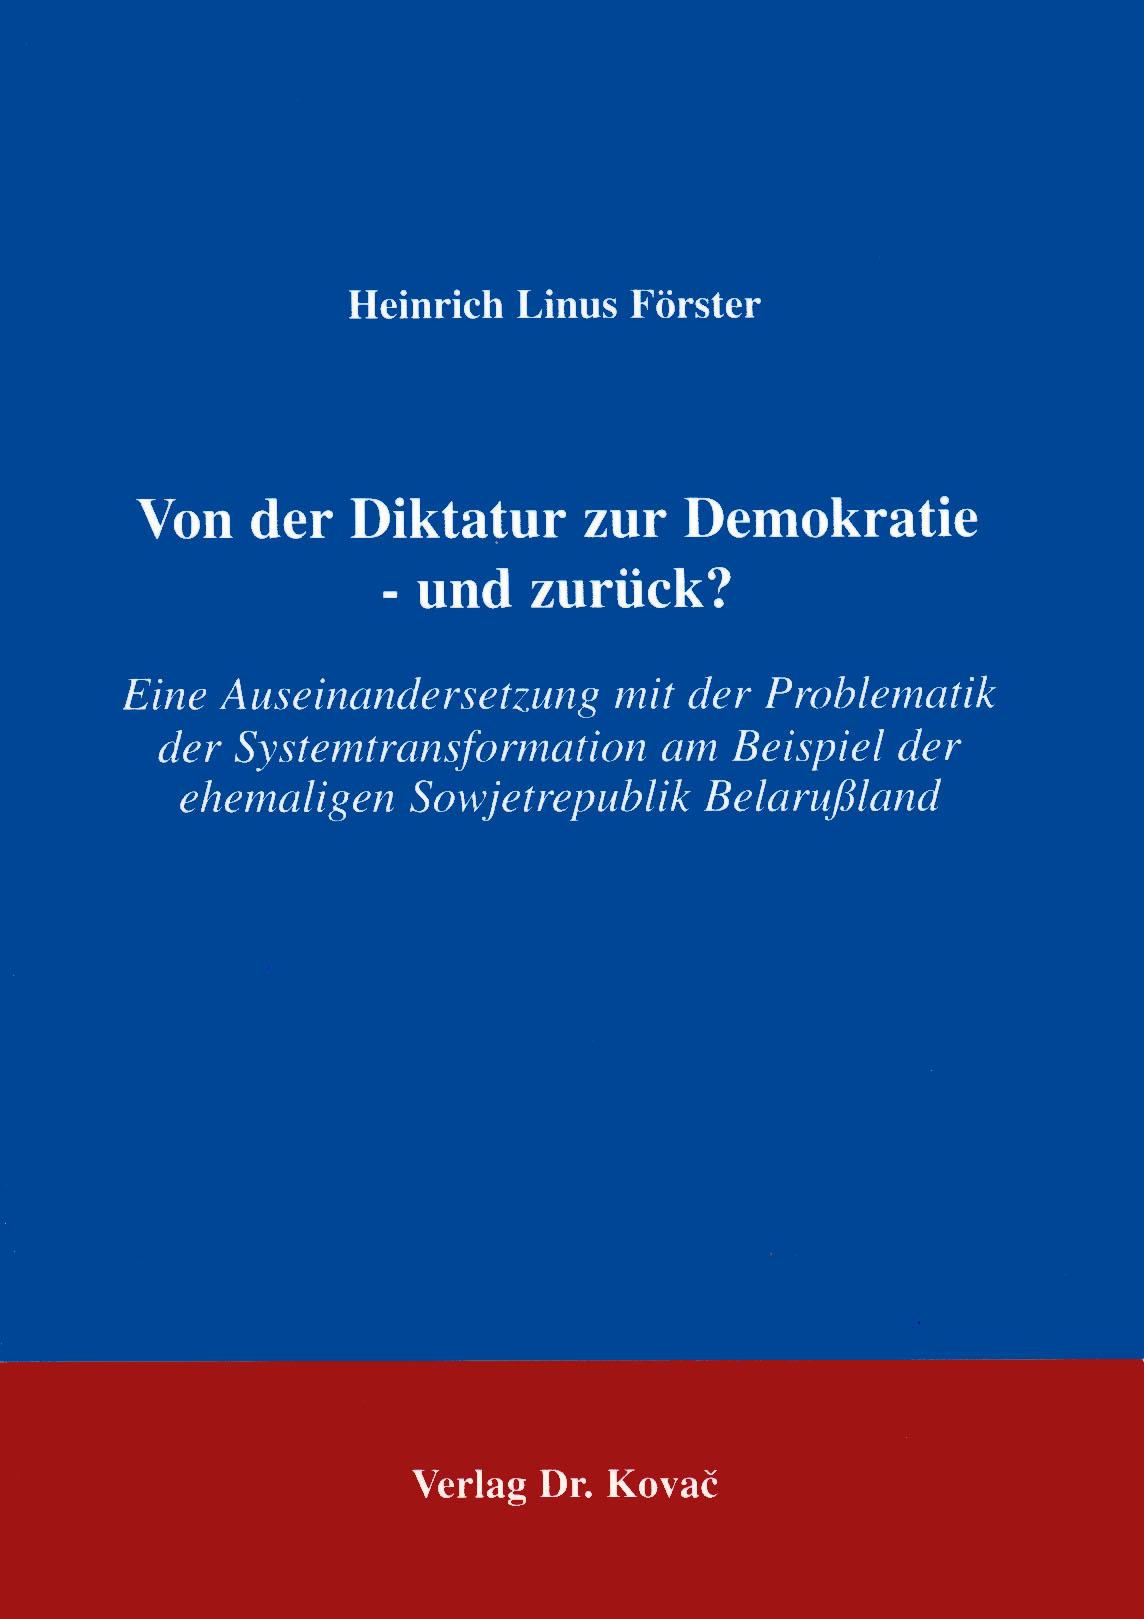 Cover: Von der Diktatur zu Demokratie - und wieder zurück?